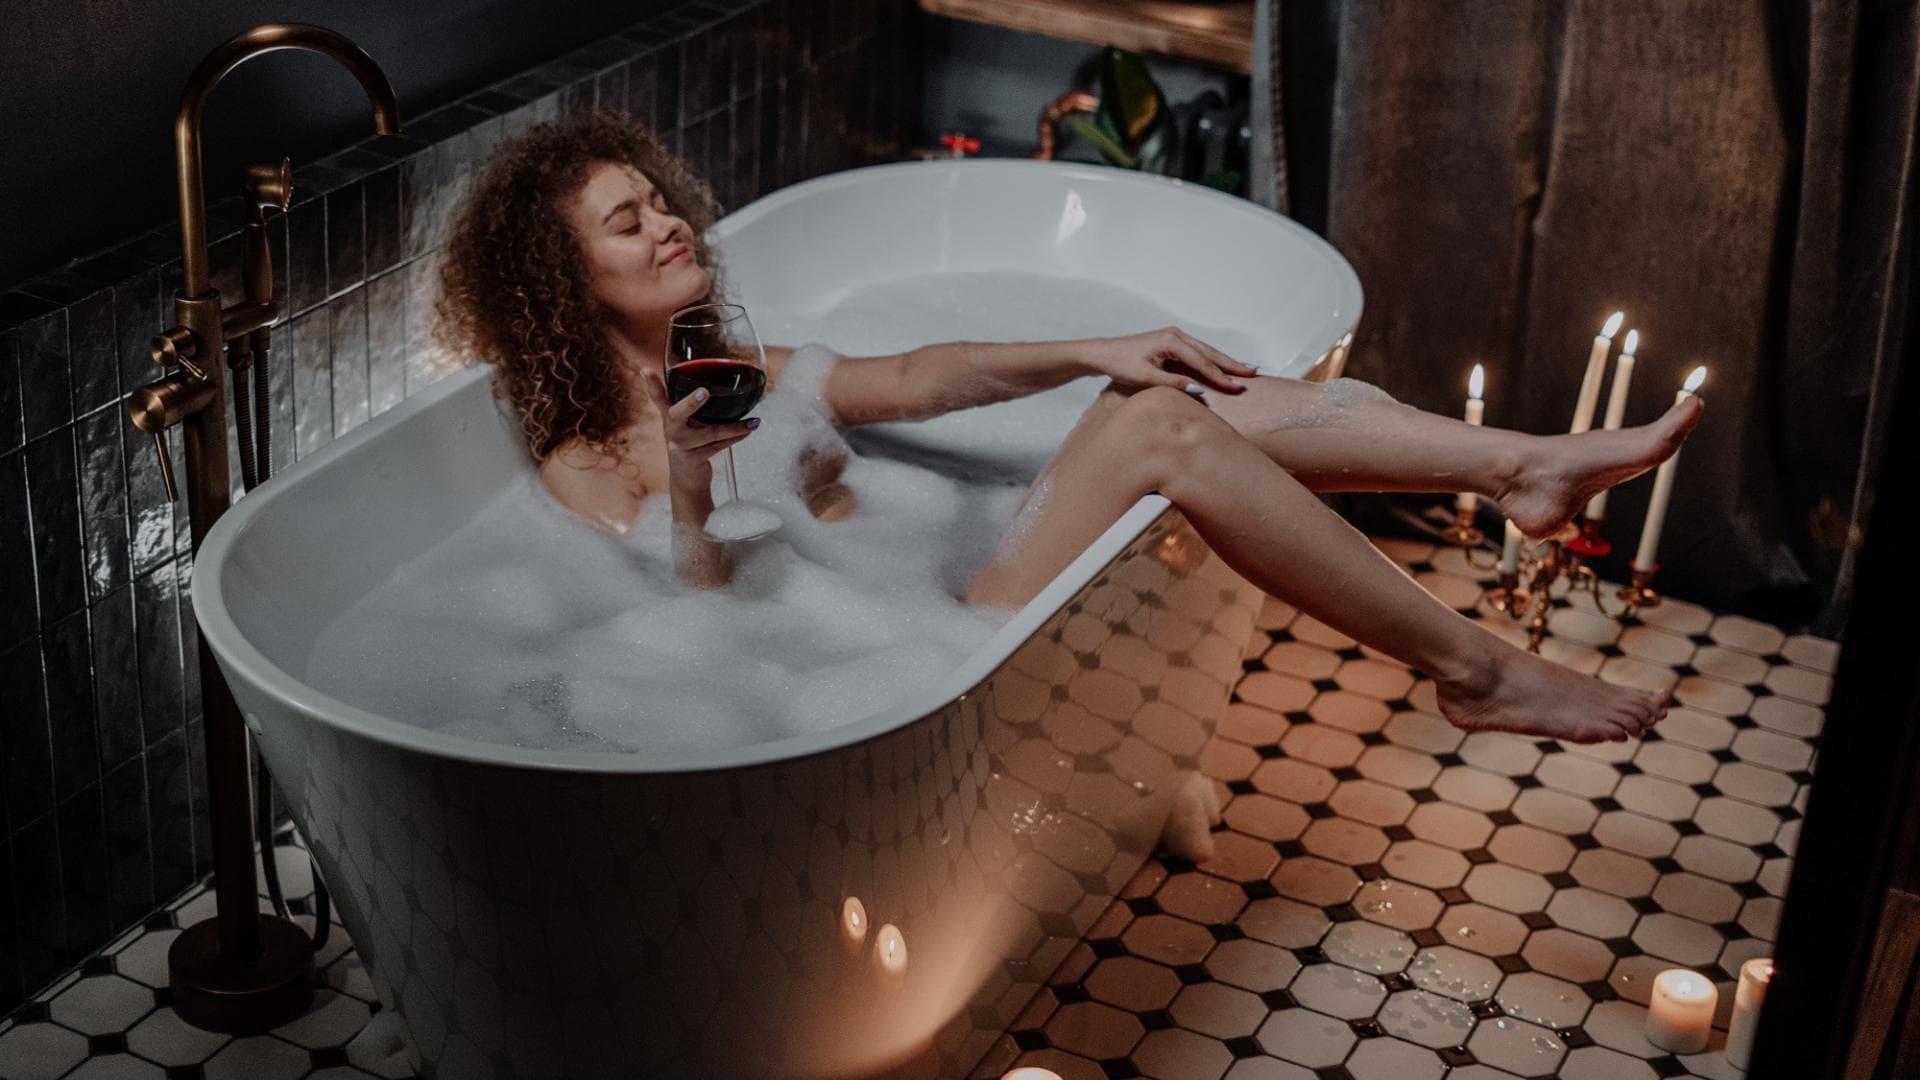 Entspannungsbad, Badewanne, Kerzen, Frau, Ambiente